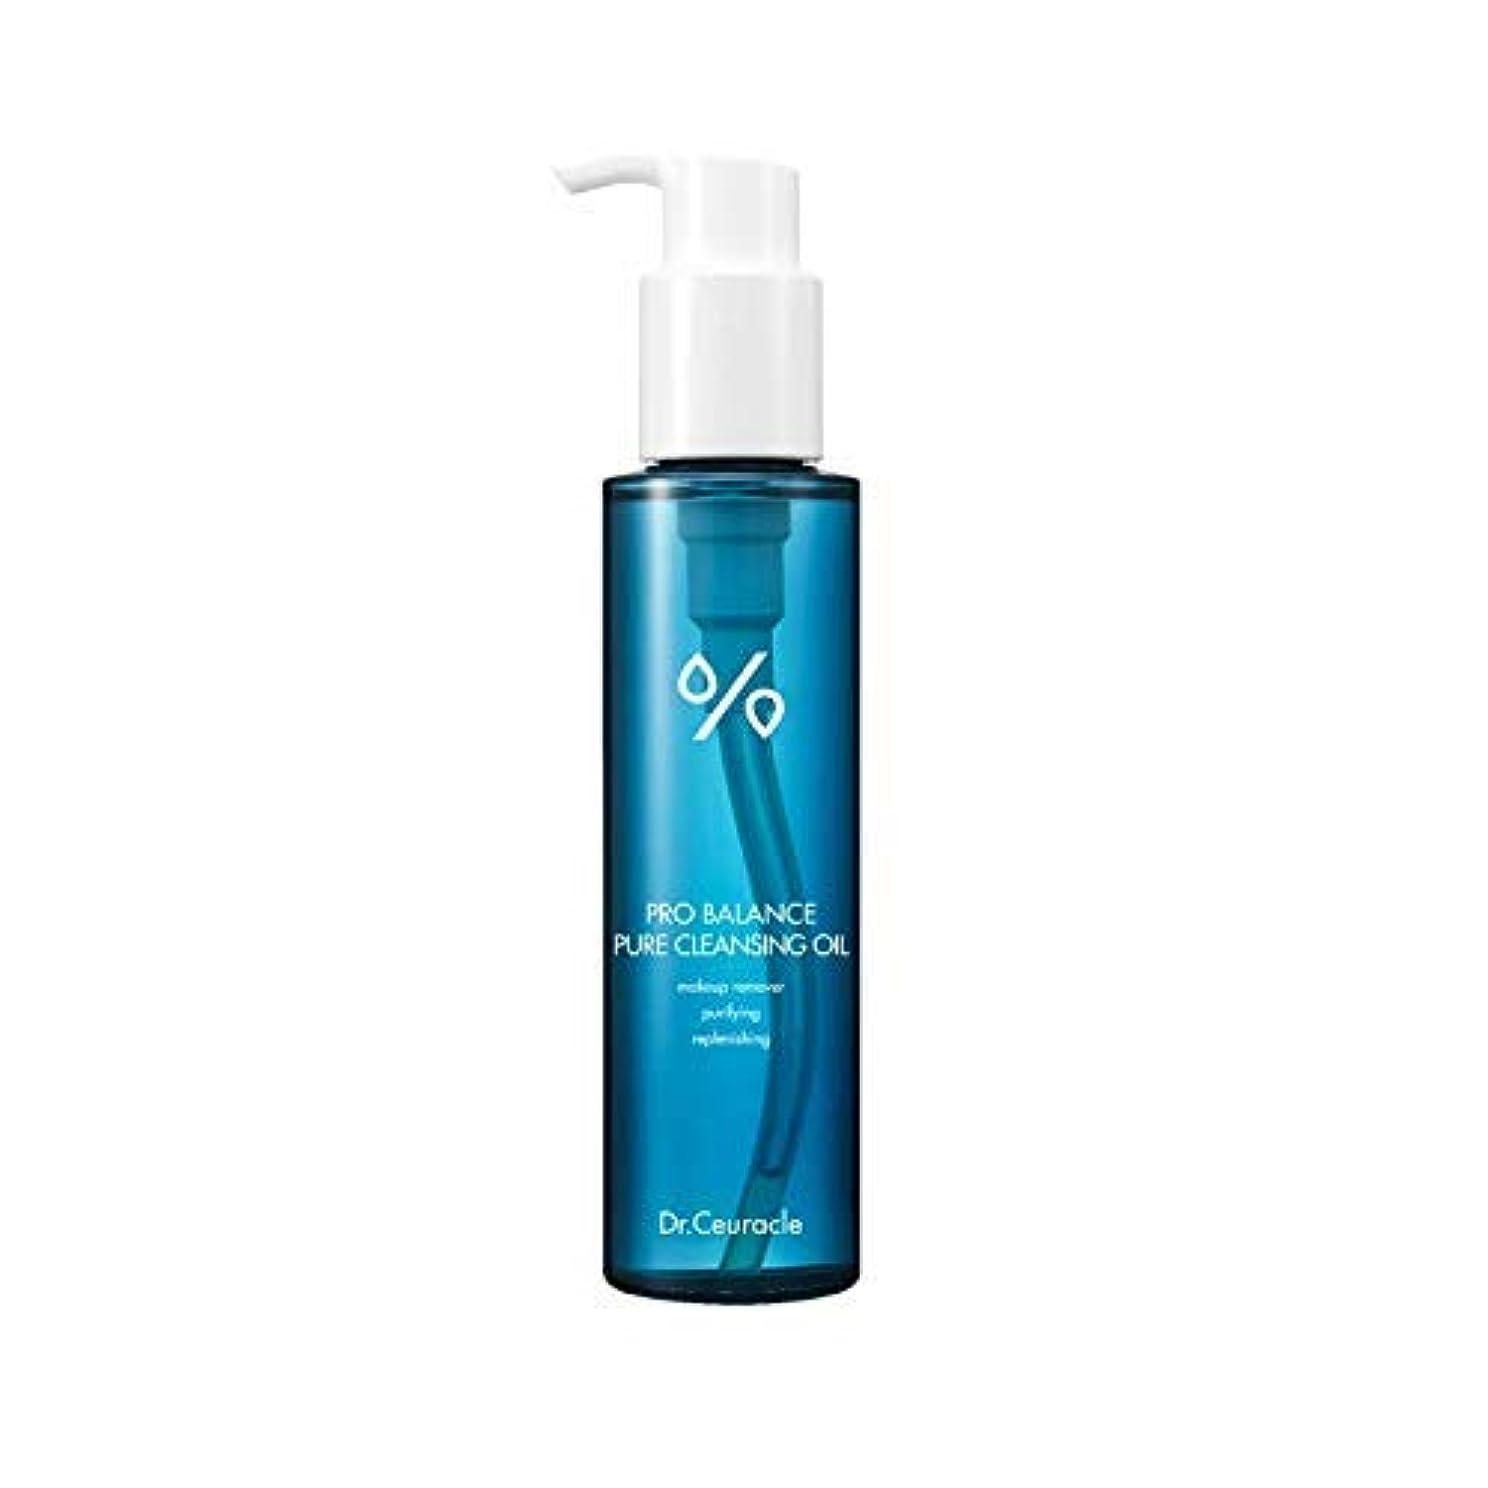 放出アセ修羅場Dr.Ceuracle[ドクター·シュラクル] プロ バランス ピュア クレンジング オイル/Pro Balance Pure Cleansing Oil (155ml) [並行輸入品]